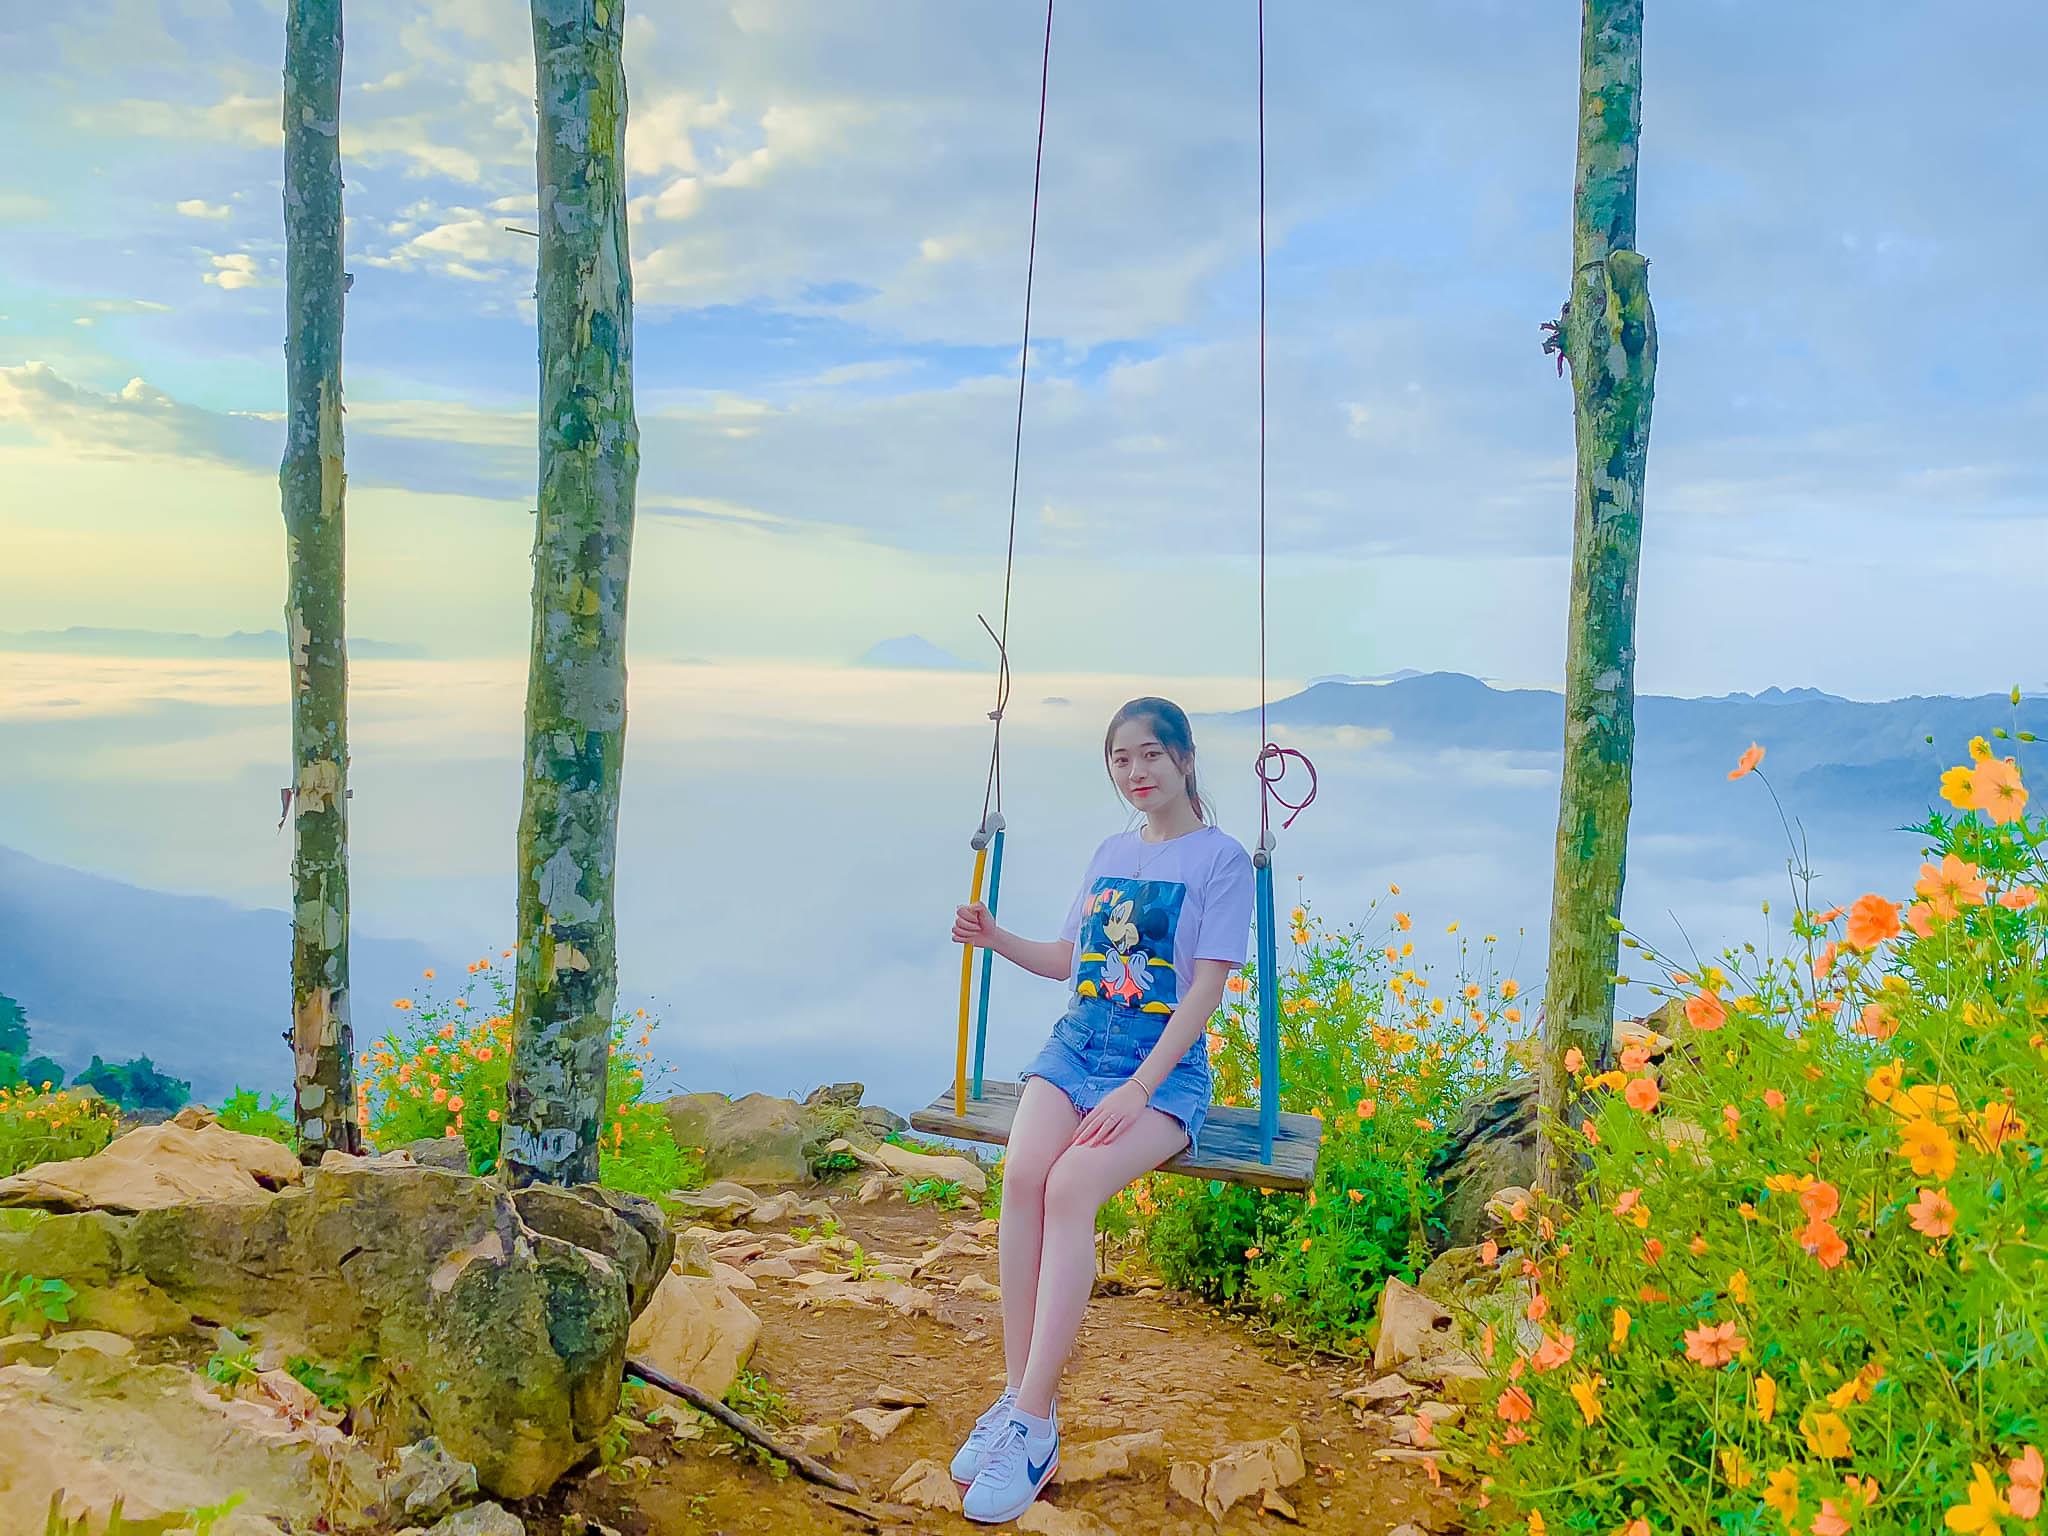 tour-moc-chau-mua-hoa-san-may-hang-kia-pa-co-vietmountain-travel-du-lich-nui-viet3